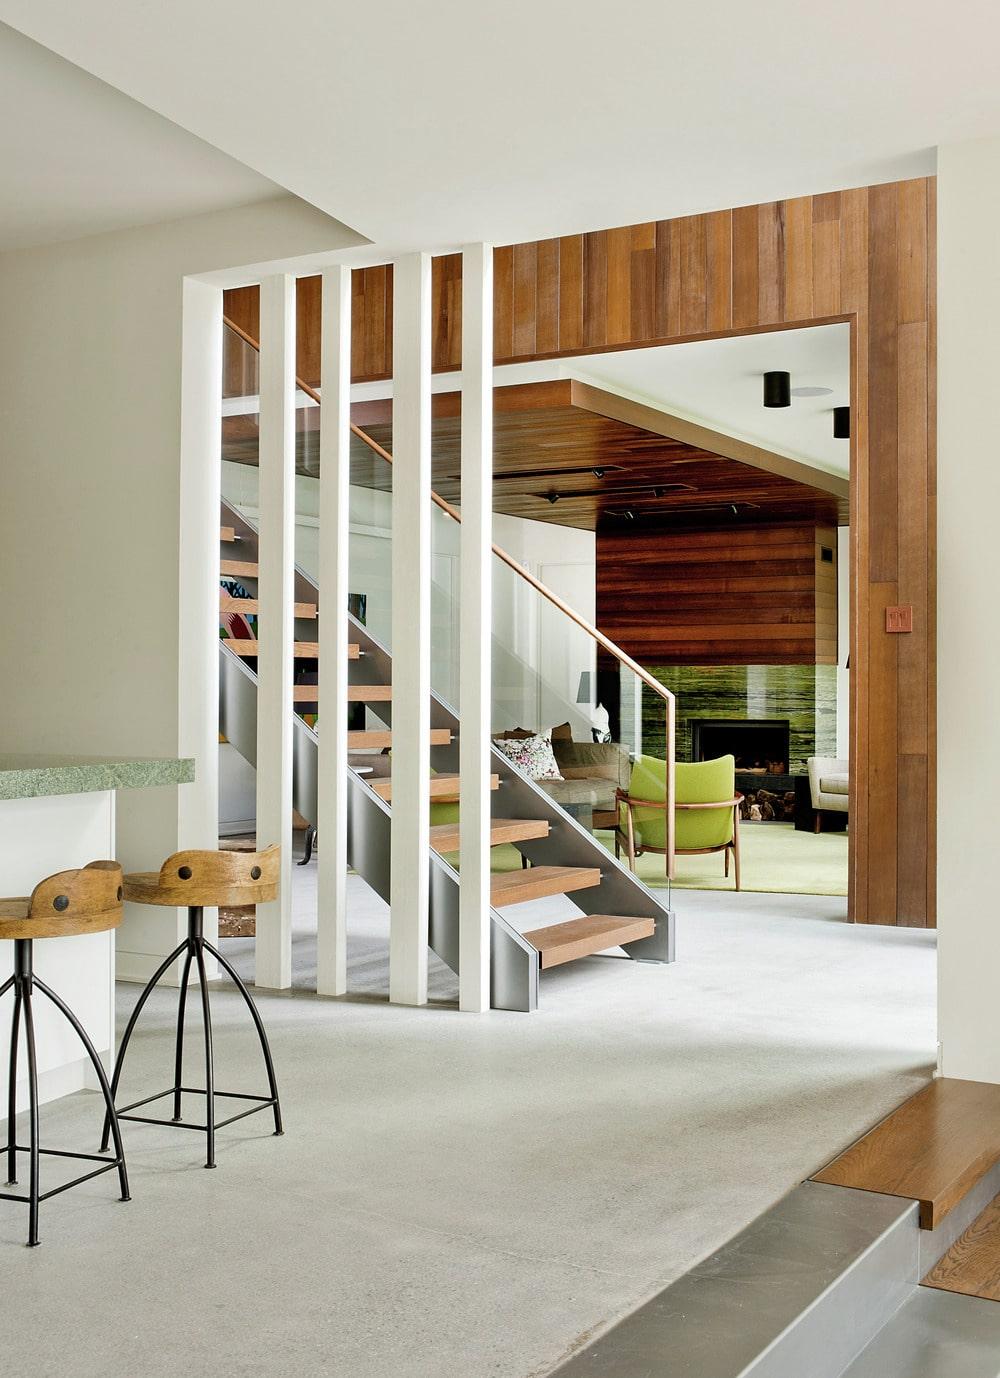 Casa de campo moderna de dos pisos en desnivel construye for Imagen de interior de casas